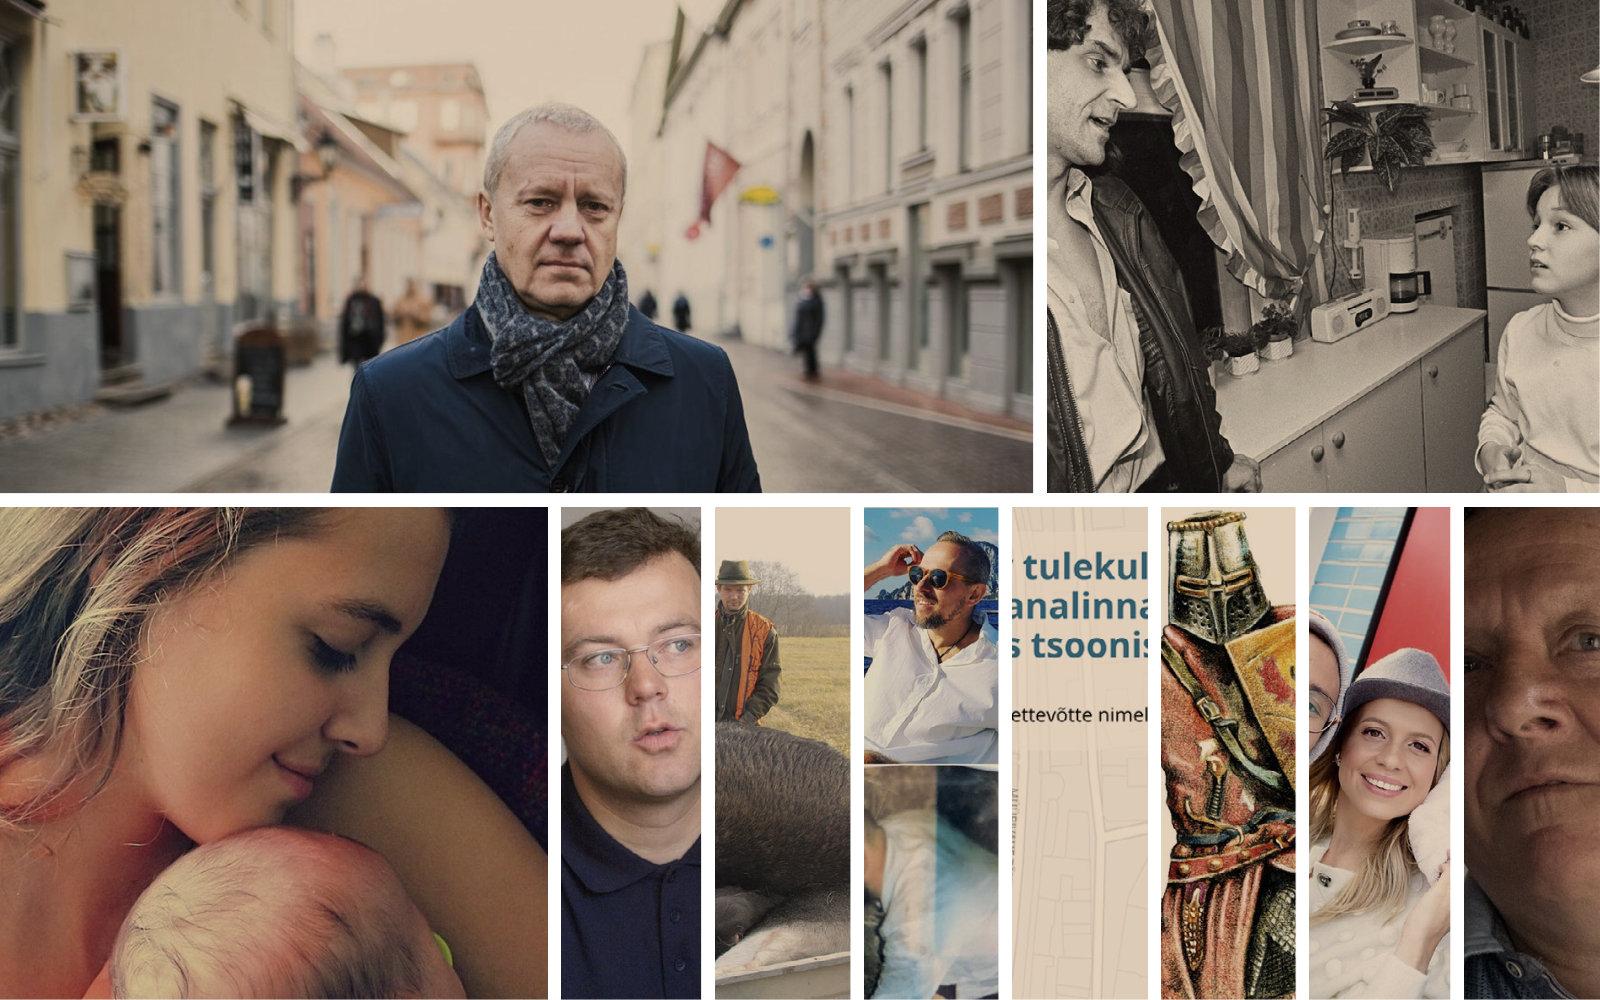 10 lugu nädalavahetusel lugemiseks:  tüli 26miljonilise päranduse üle, vanalinna toidukohad kustutavad tulesid, Vjatšeslav Leedo elu täis võitlusi ja vaidlusi